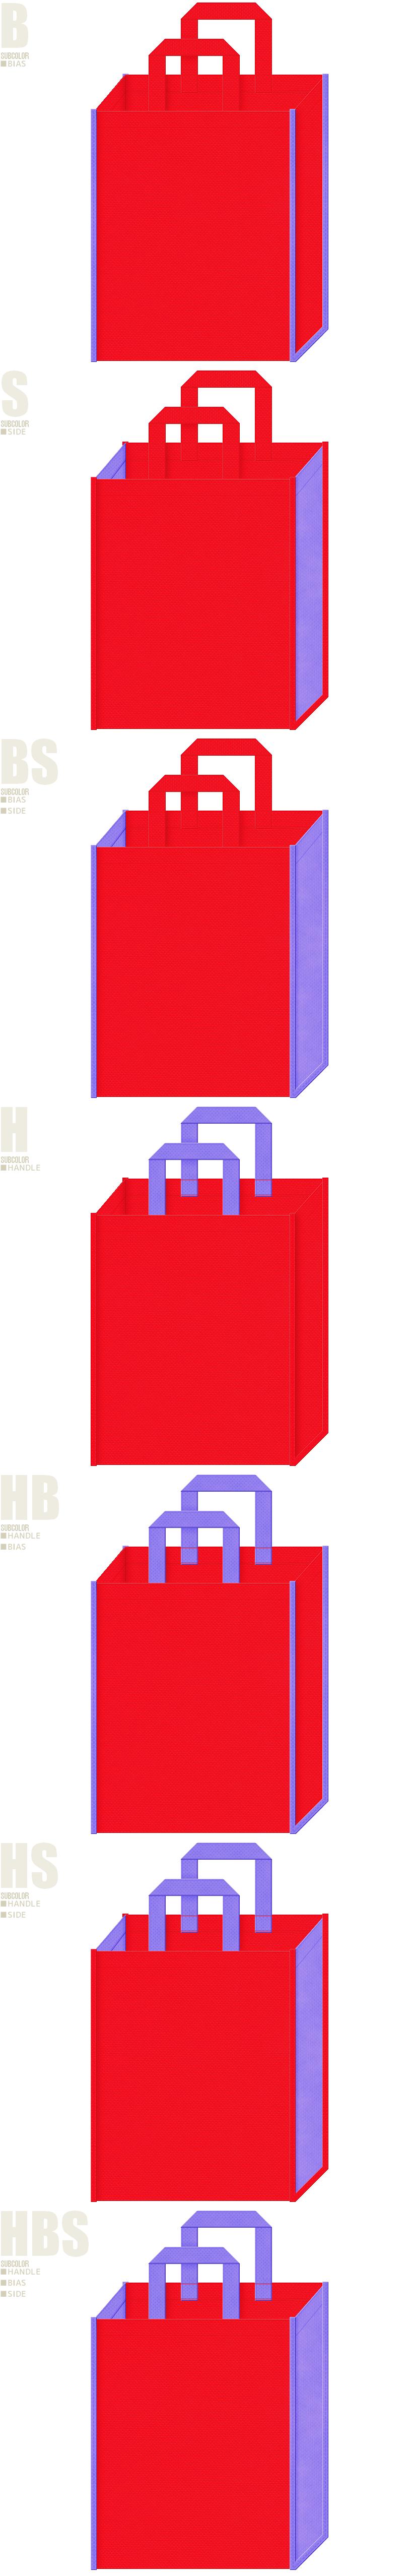 赤色と薄紫色、7パターンの不織布トートバッグ配色デザイン例。